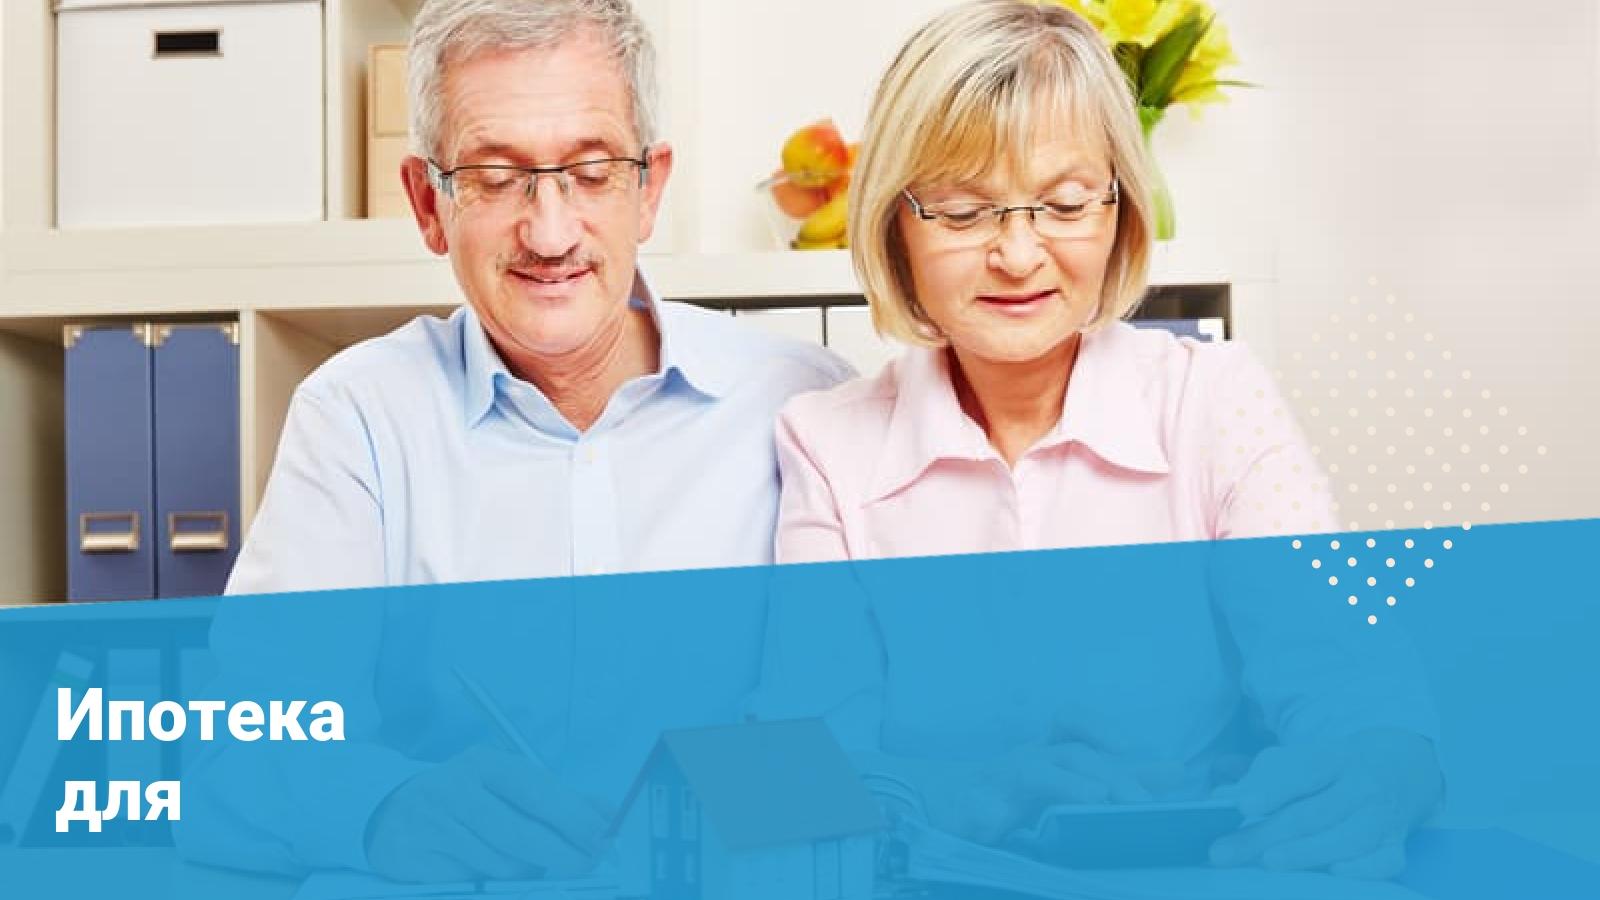 ипотека для пенсионеров